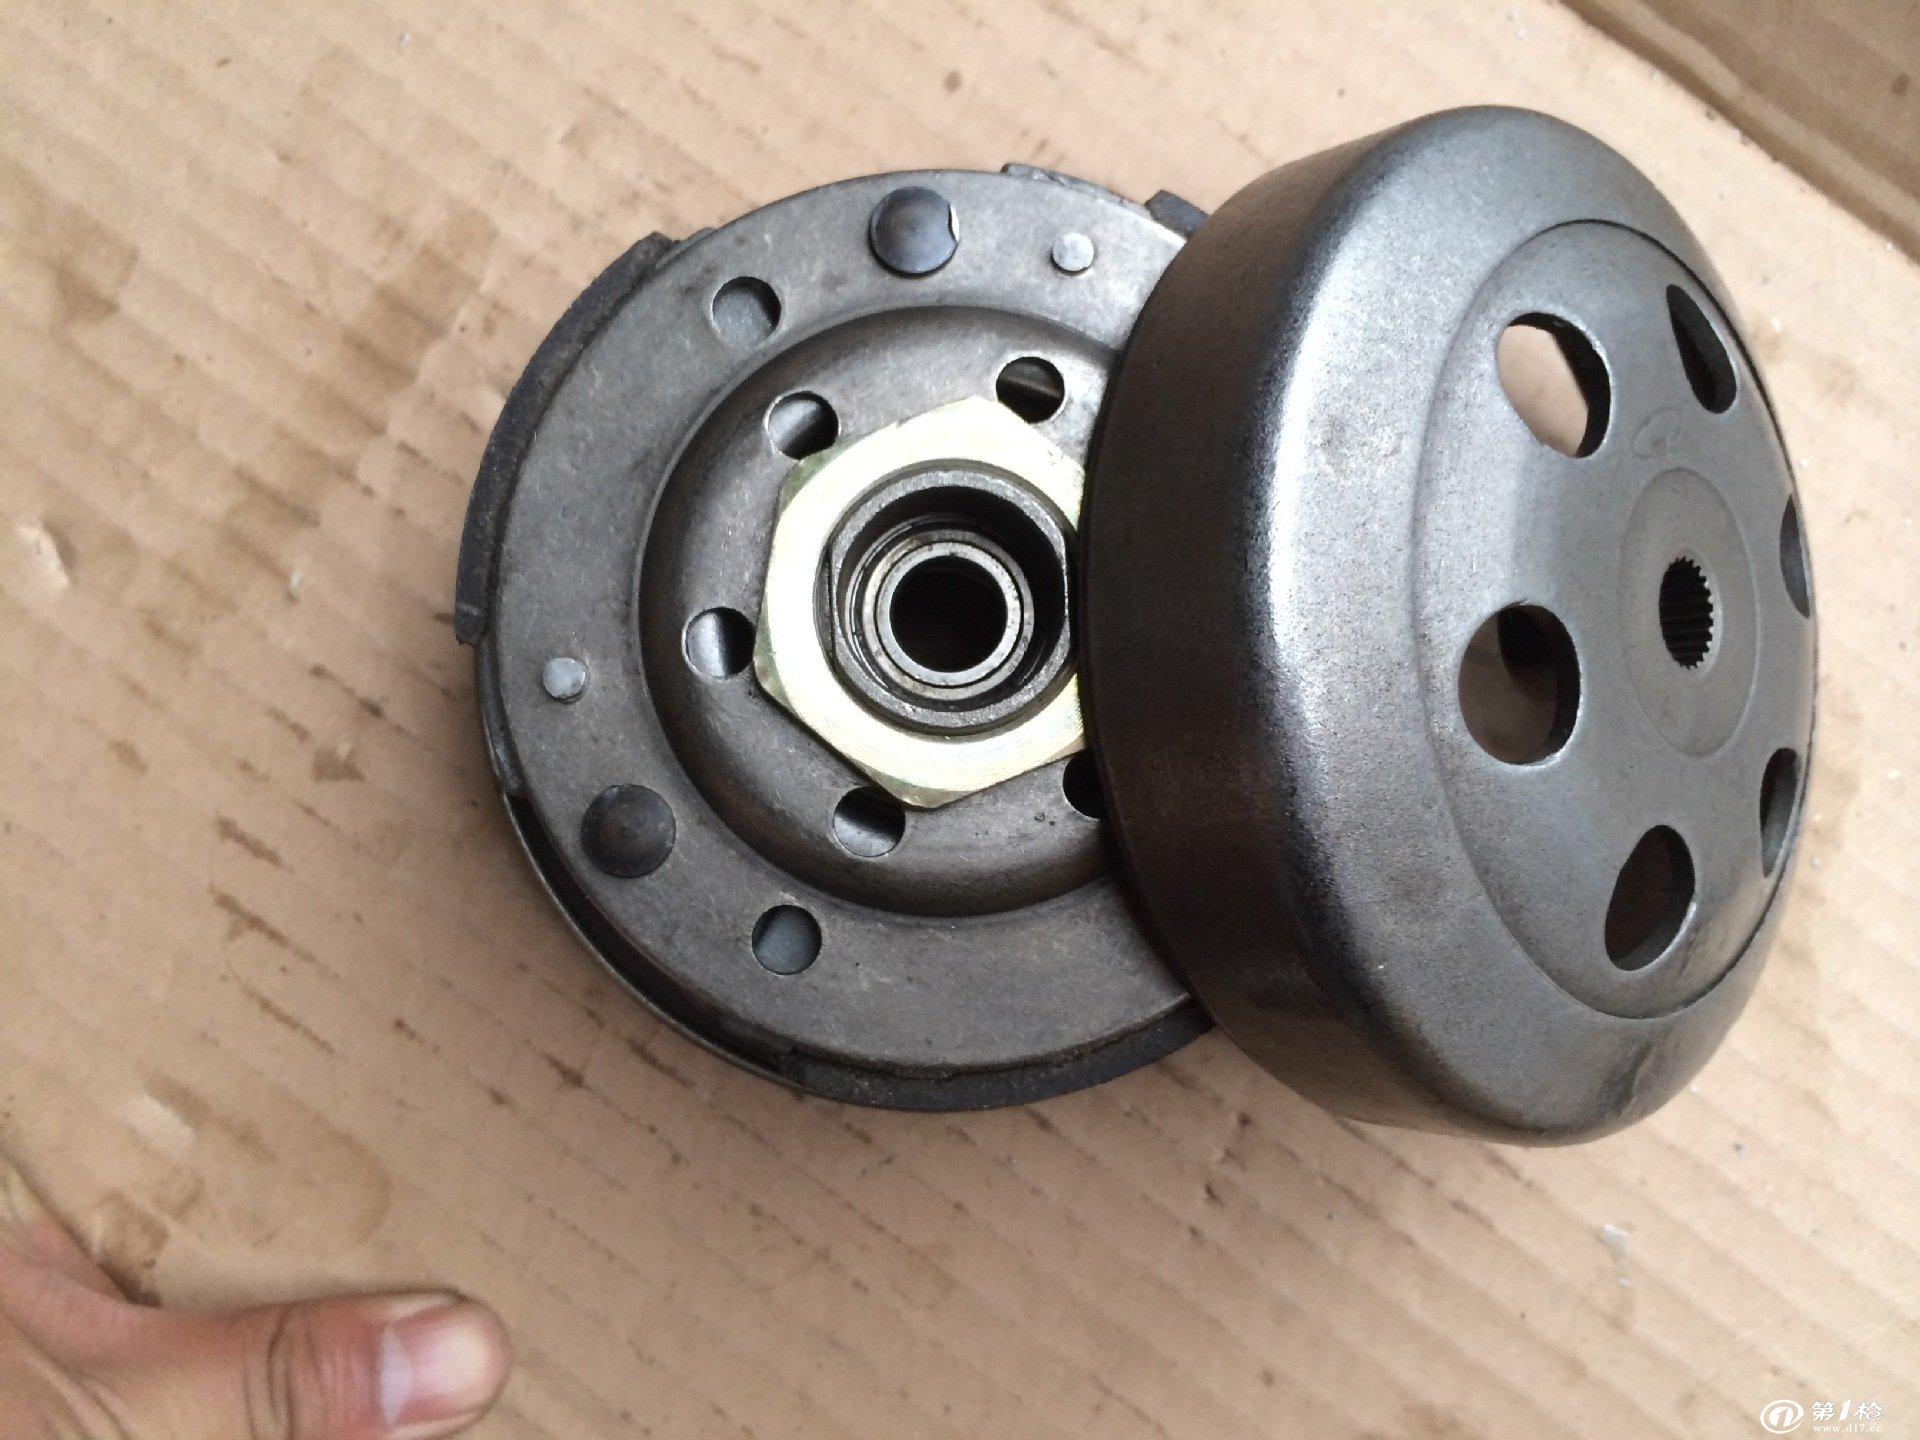 厂家直销 踏板车 豪迈gy6 50 后皮带轮丛轮轮 离合器 甩块 带盖